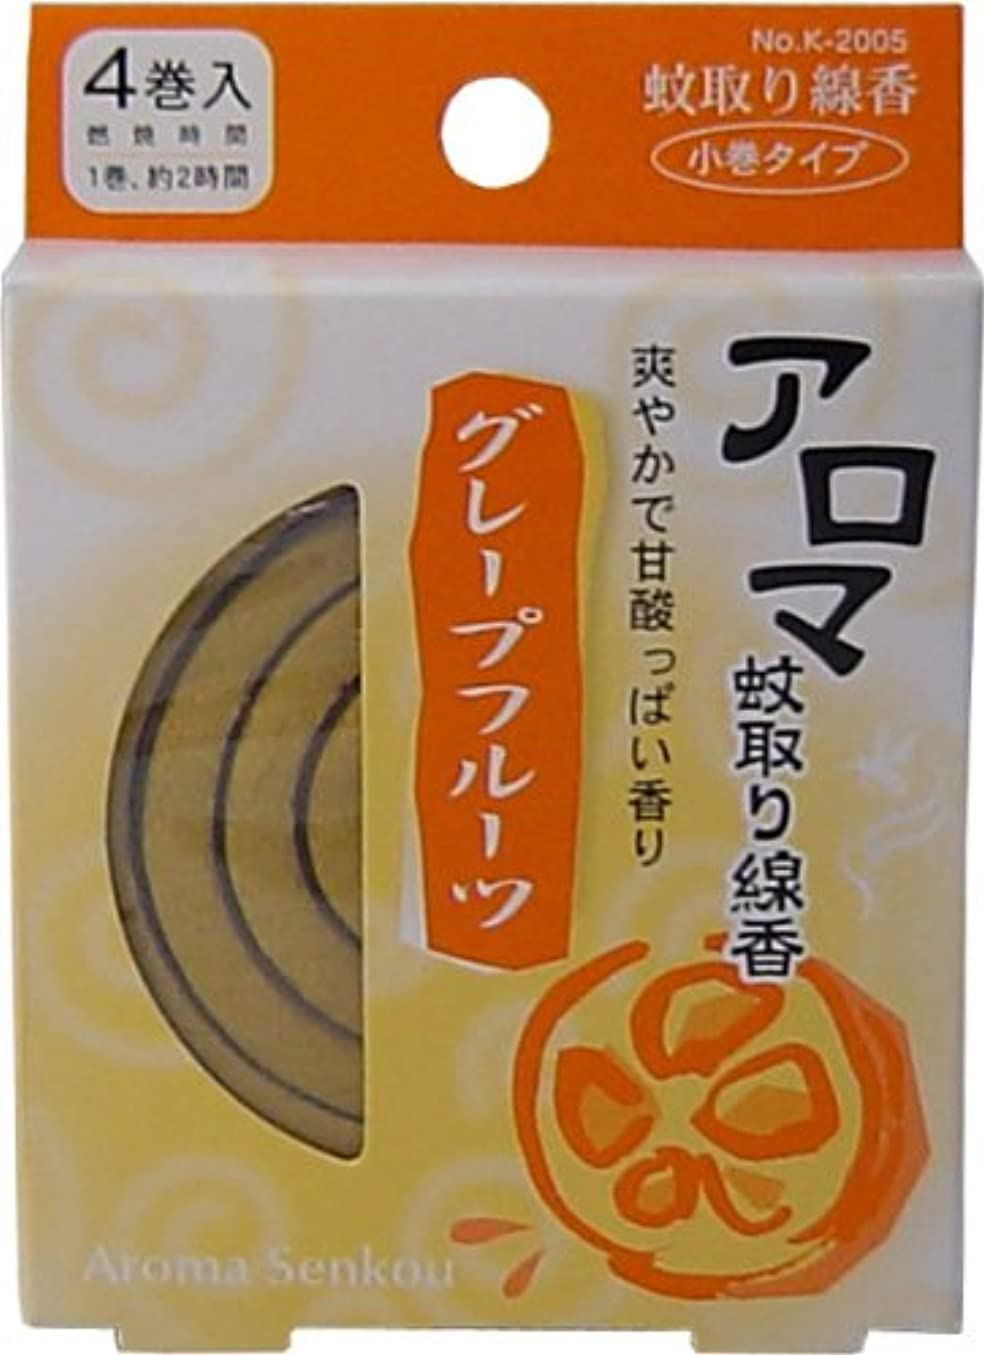 偶然選出するジレンマアロマ蚊取り線香 小巻タイプ 4巻入 グレープフルーツ